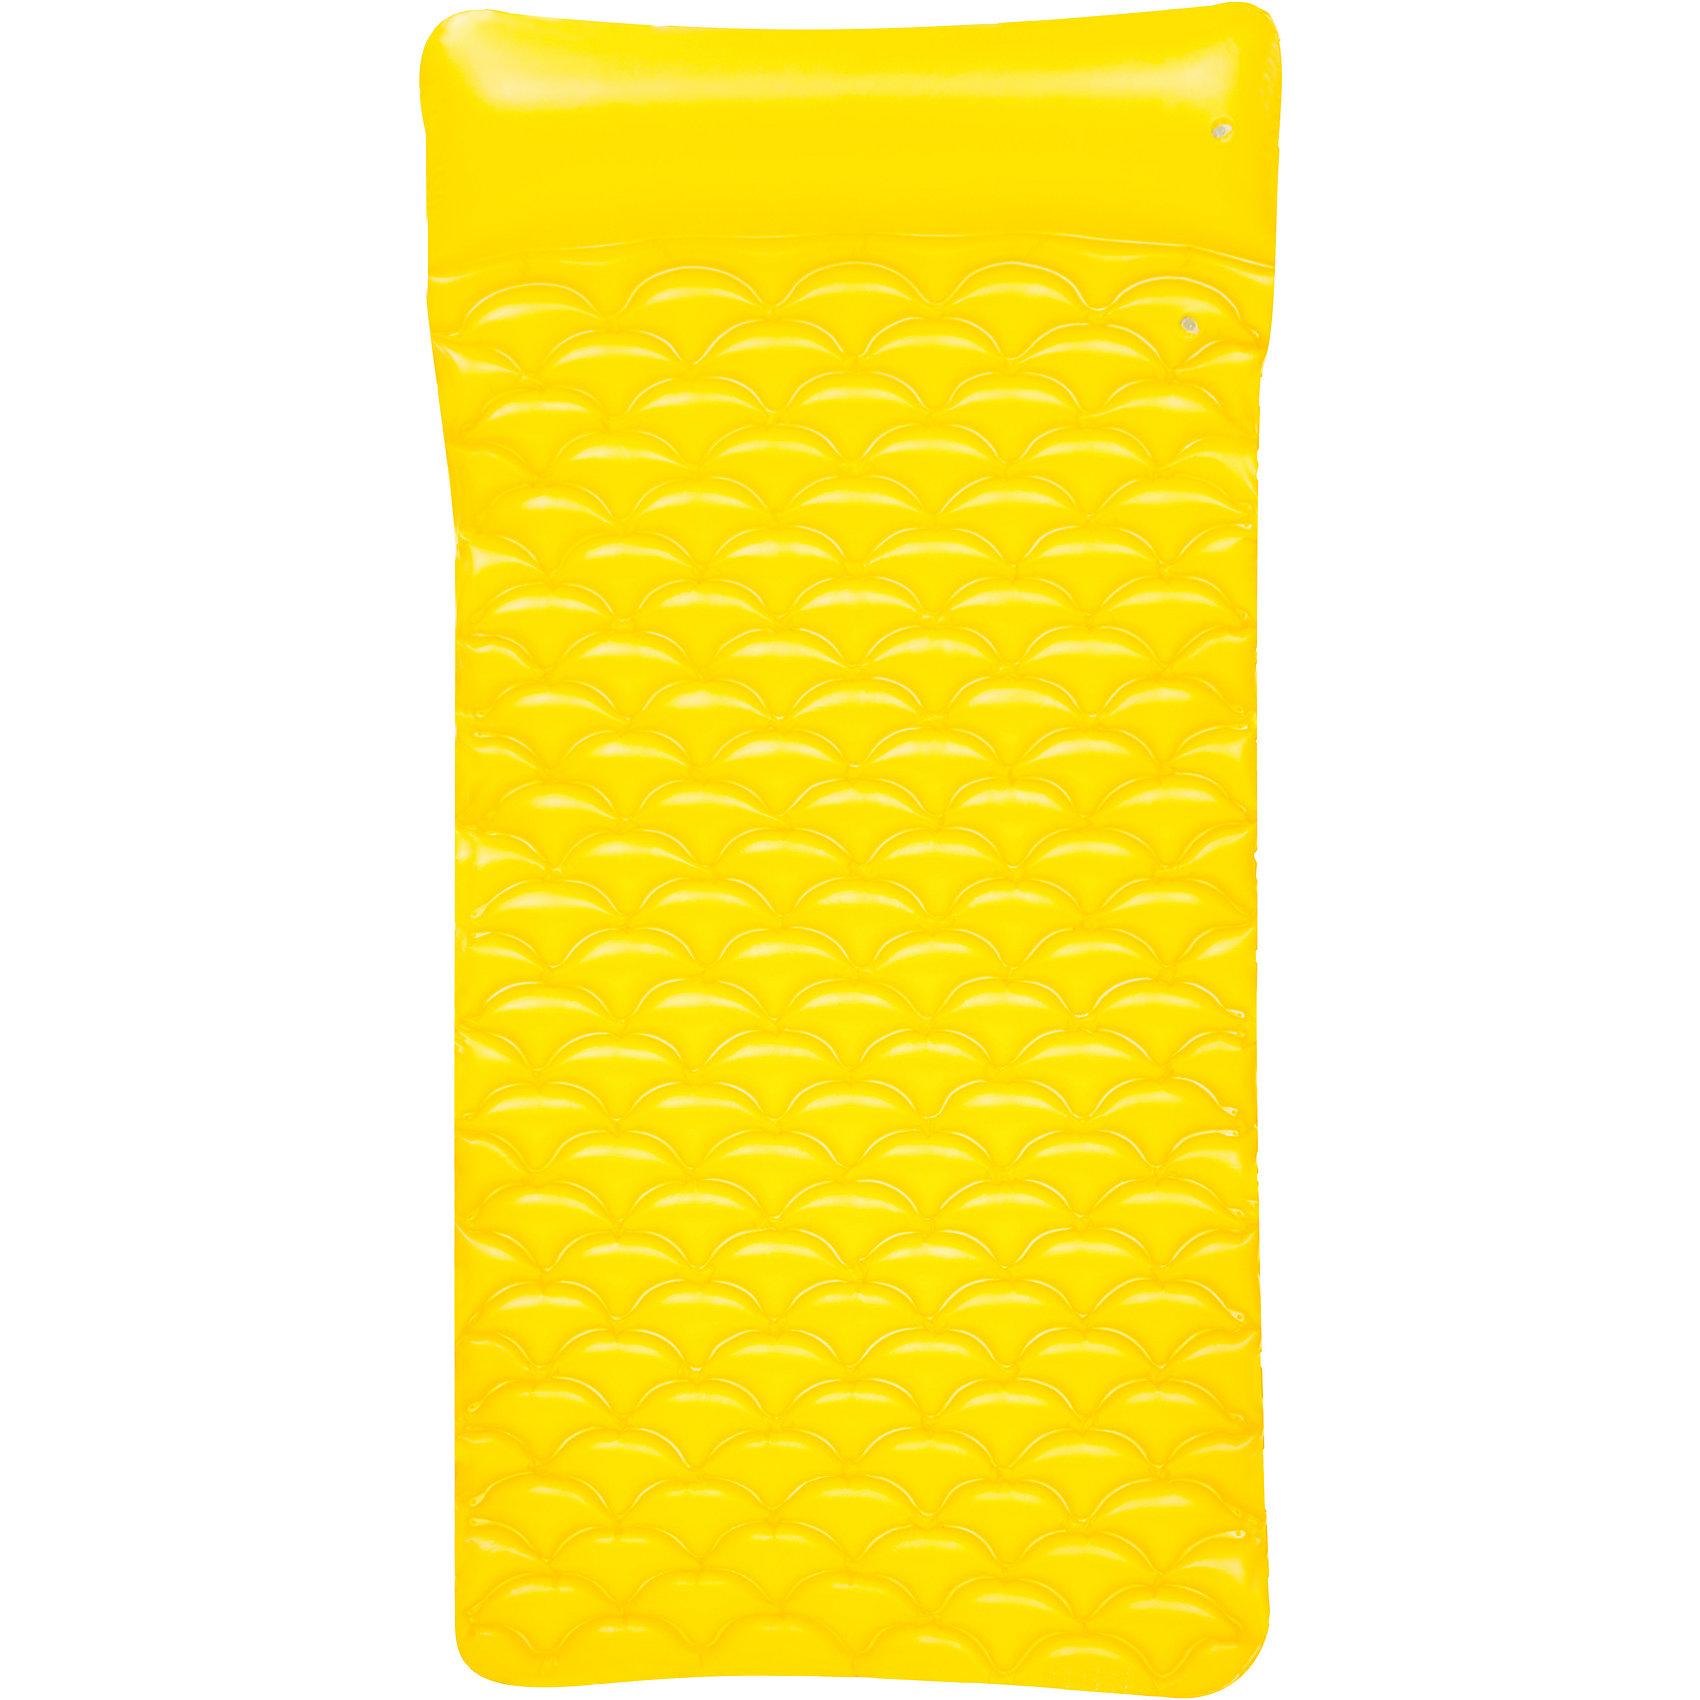 Матрас для плавания гибкий, 213х86 см, желтый, BestwayМатрасы и лодки<br>Матрас для плавания гибкий, 213х86 см, желтый, Bestway (Бествей)<br><br>Характеристики:<br><br>• яркий дизайн<br>• объемный подголовник<br>• максимальная нагрузка - 90 кг<br>• размер матраса: 213х86х15 см<br>• цвет: желтый<br>• материал: ПВХ<br>• вес: 1 кг<br><br>На ярком удобном матрасе вы всегда сможете отдохнуть с комфортом на суше или на воде. Матрас имеет очень привлекательный дизайн, оснащен удобным подголовником. Матрас выдерживает нагрузку до 90 килограммов. Размер матраса - 213х86 сантиметров.<br><br>Матрас для плавания гибкий, 213х86 см, желтый, Bestway (Бествей) можно купить в нашем интернет-магазине.<br><br>Ширина мм: 570<br>Глубина мм: 200<br>Высота мм: 270<br>Вес г: 999<br>Возраст от месяцев: 36<br>Возраст до месяцев: 2147483647<br>Пол: Унисекс<br>Возраст: Детский<br>SKU: 5486892